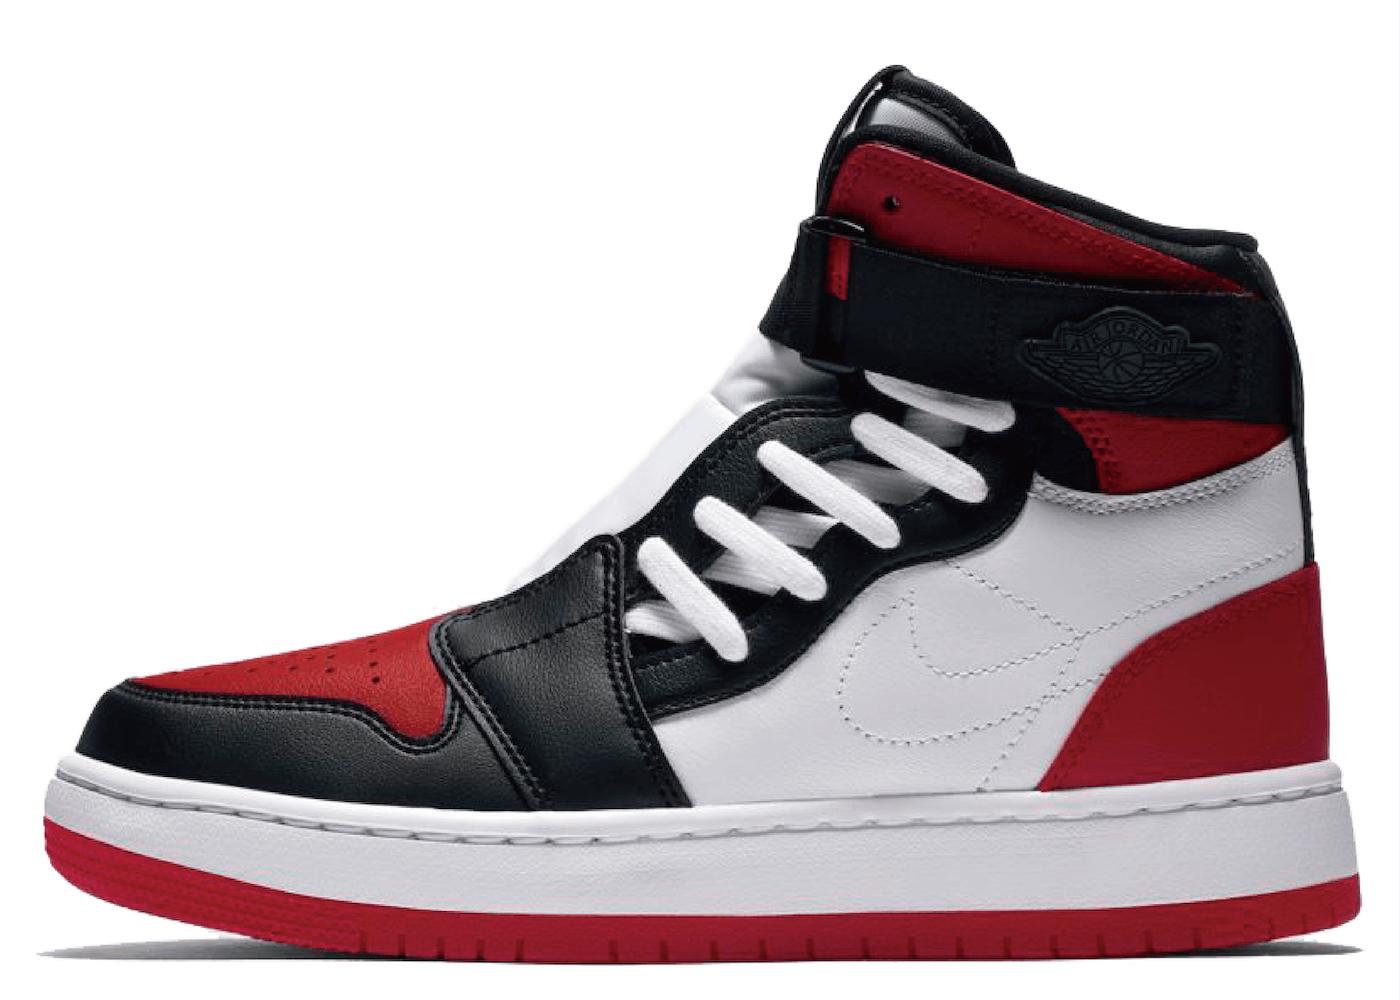 Nike Air Jordan 1 Nova XX Bred Toe Womensの写真